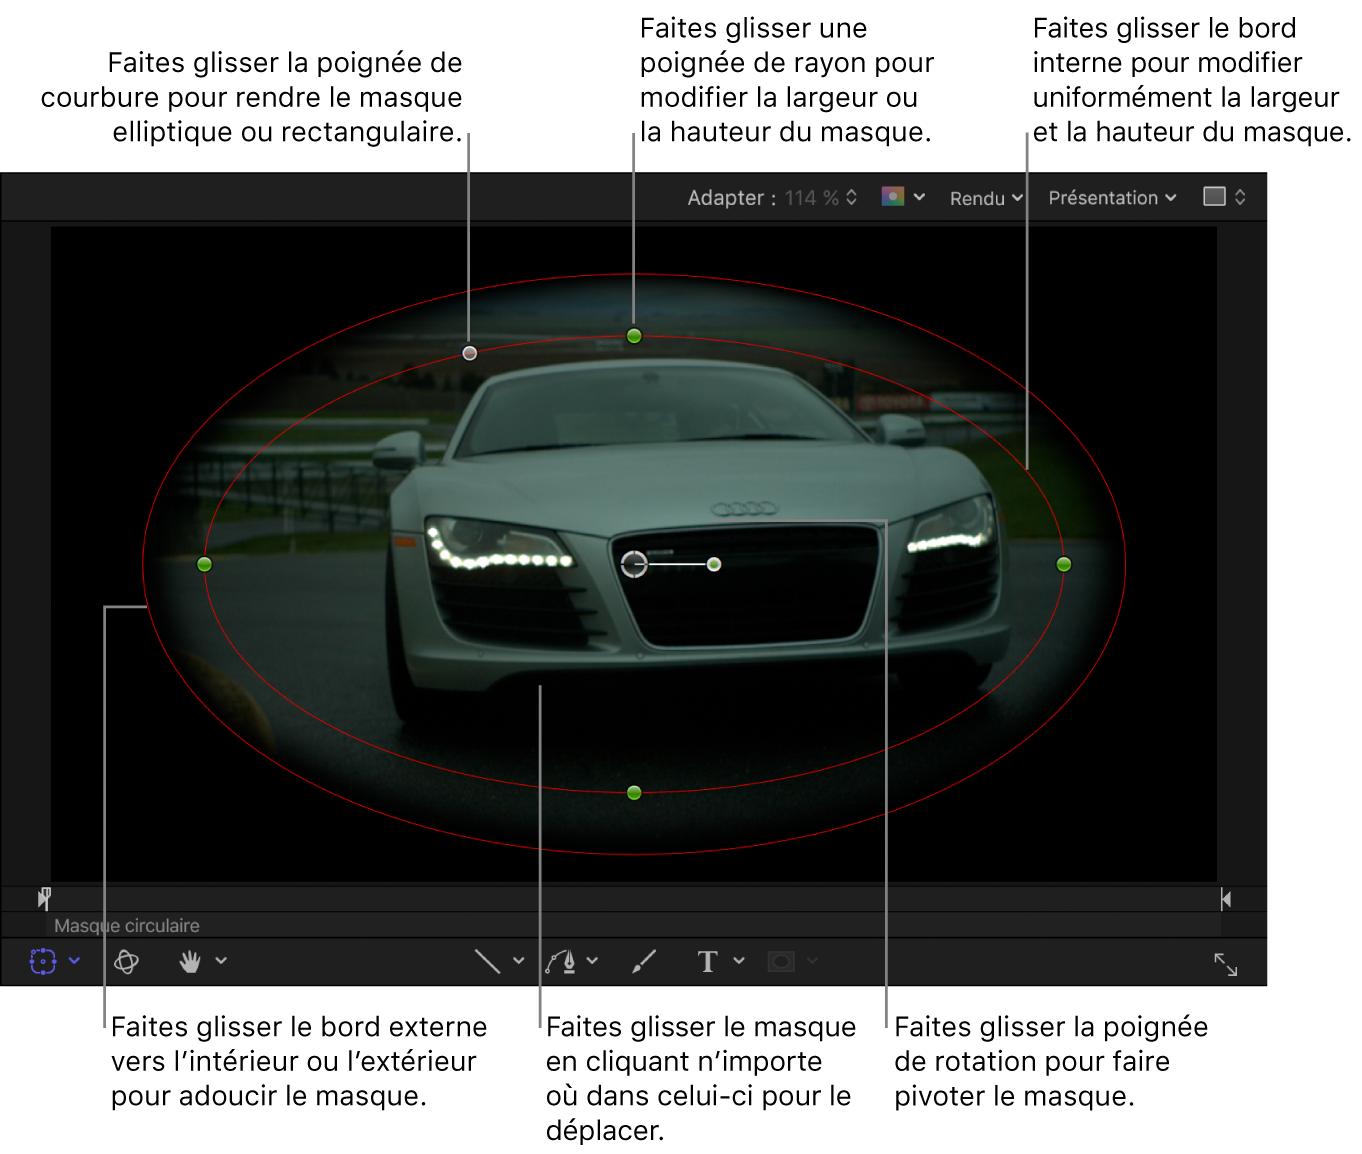 Commandes à l'écran permettant de régler la taille, l'adoucissement des bords, la courbure et la rotation d'un masque simple